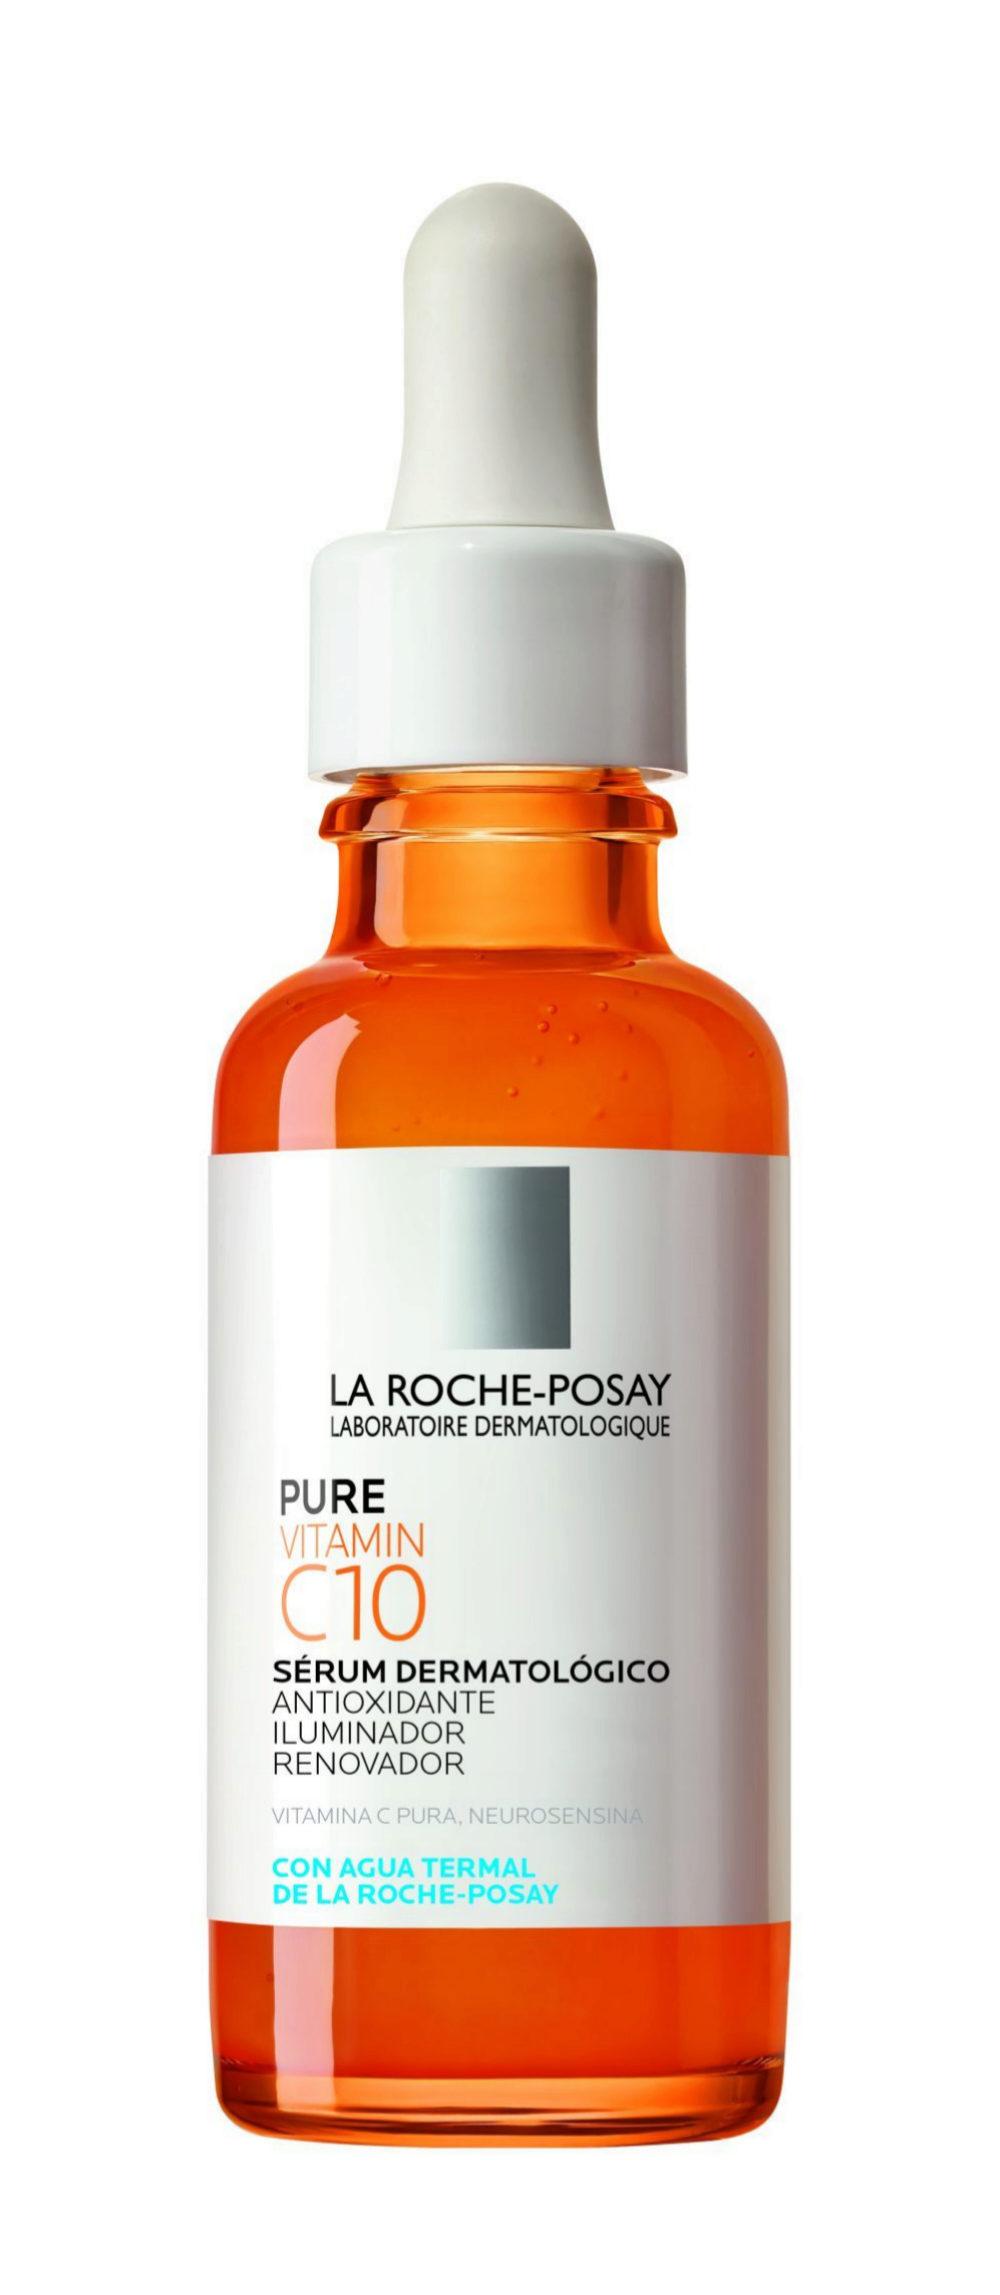 Pure Vitamin C10, La Roche Posay (48,40 euros).